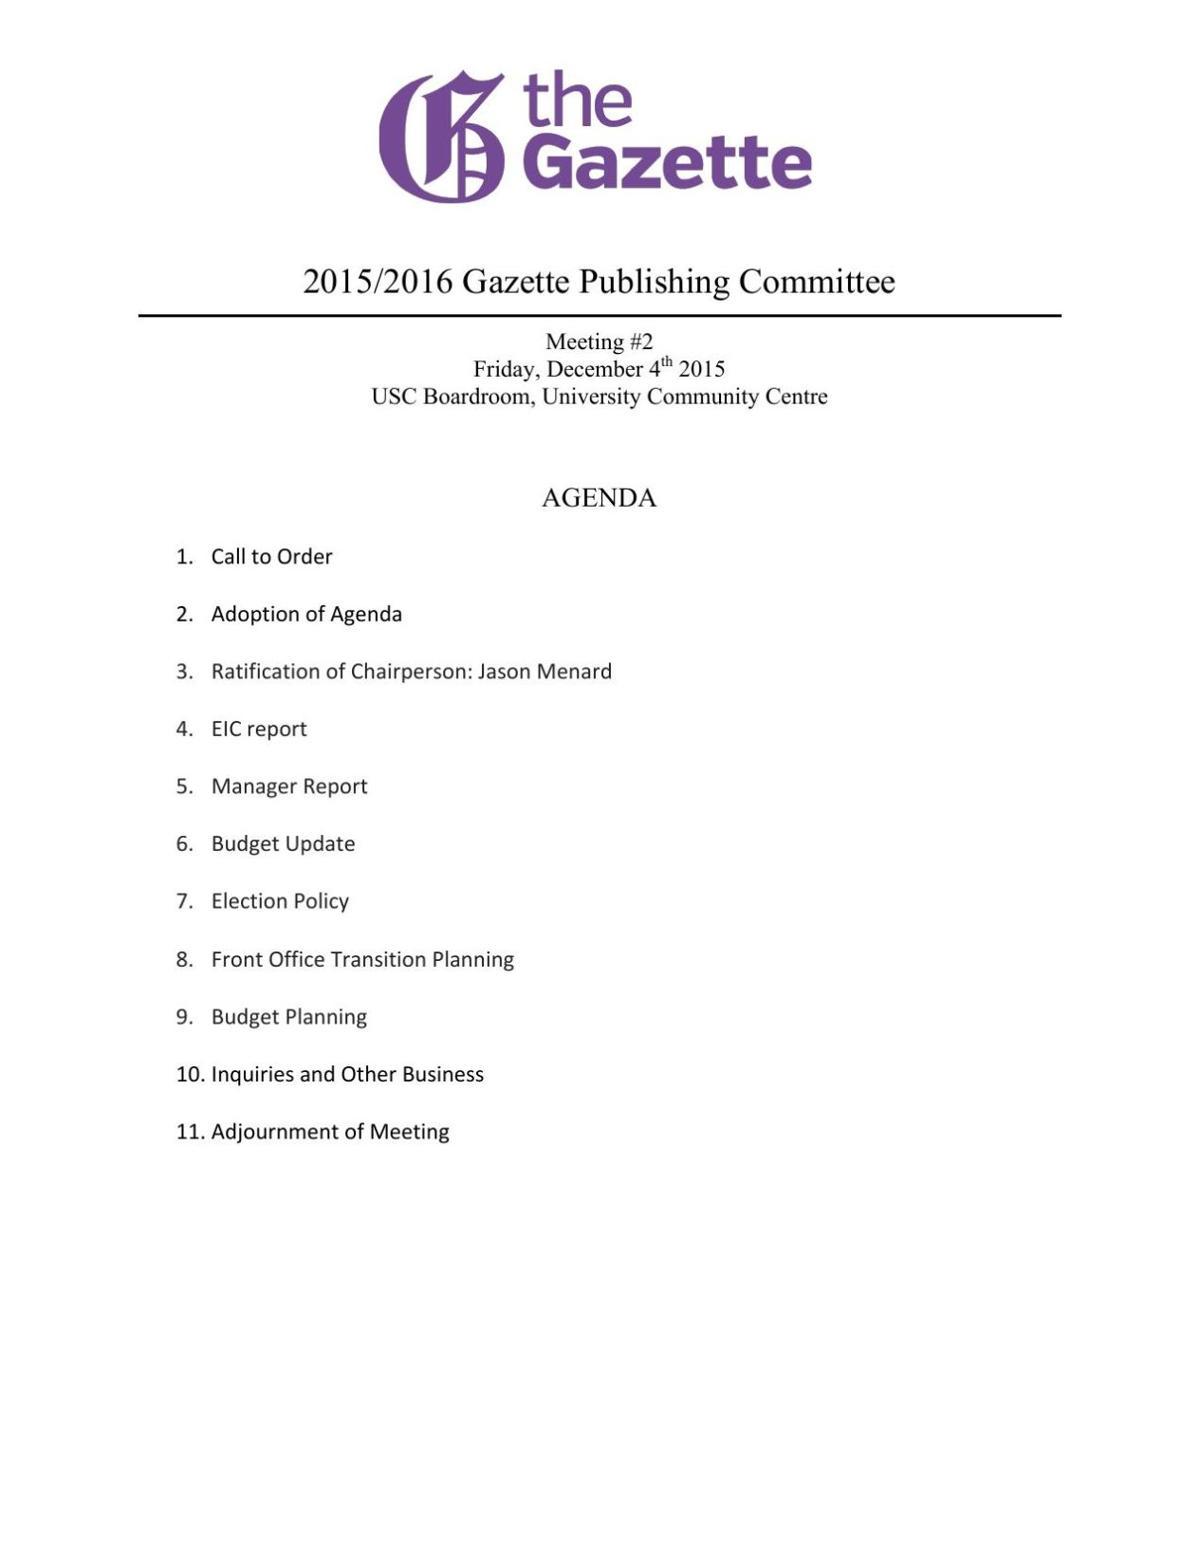 Publications Meeting Dec. 4, 2015